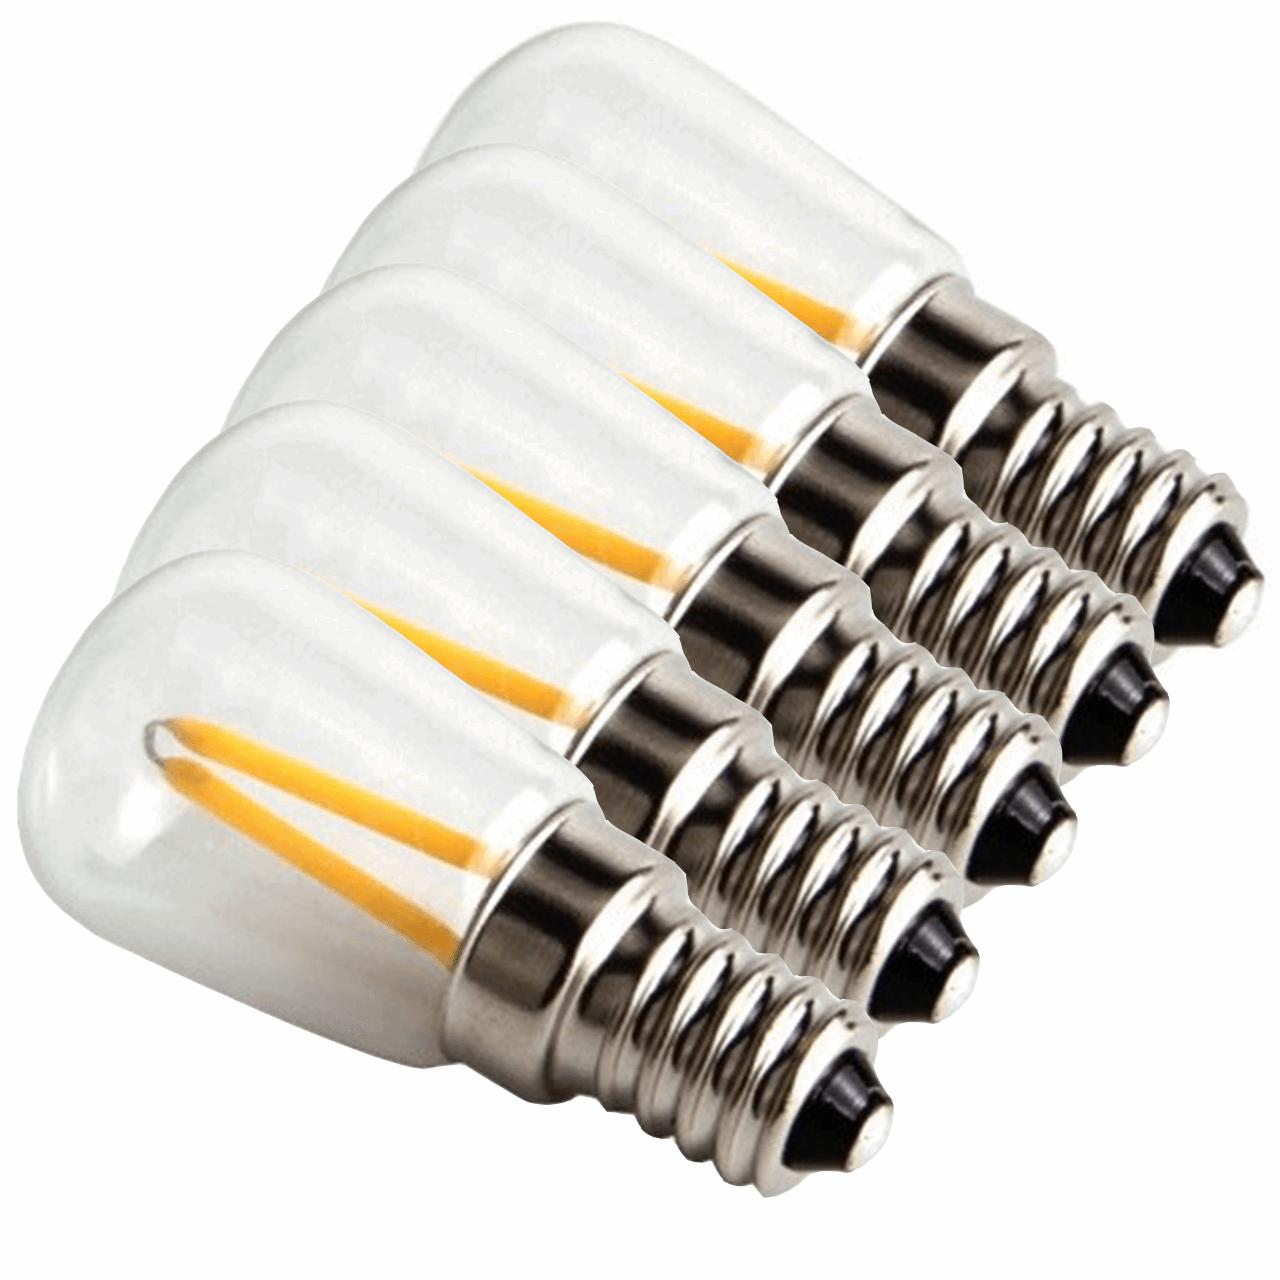 لامپ فیلامنتی 1.5 وات پایه E14 بسته 5 عددی